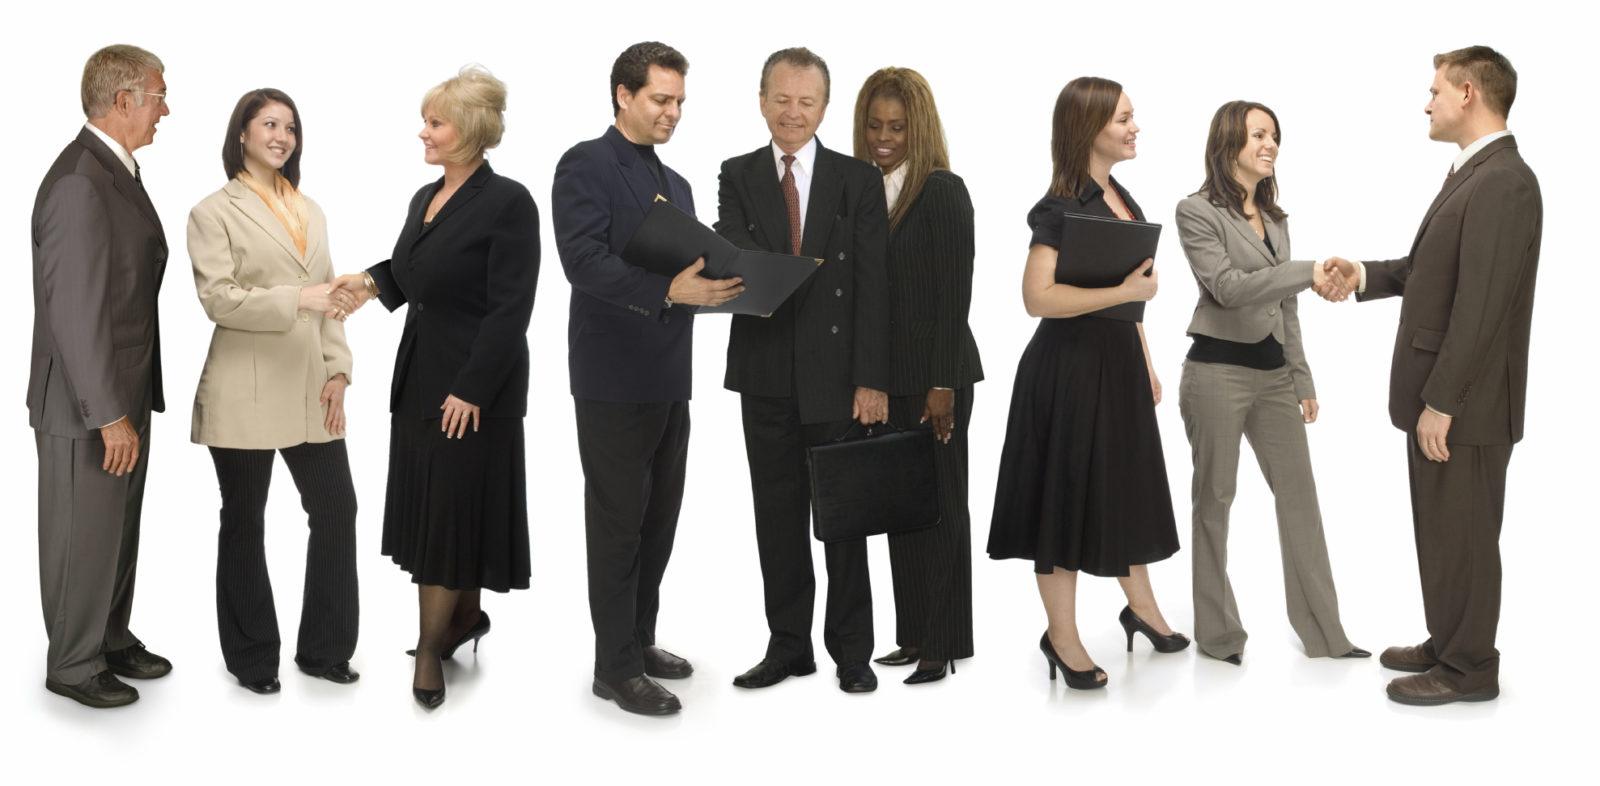 Dress for a Job Interview